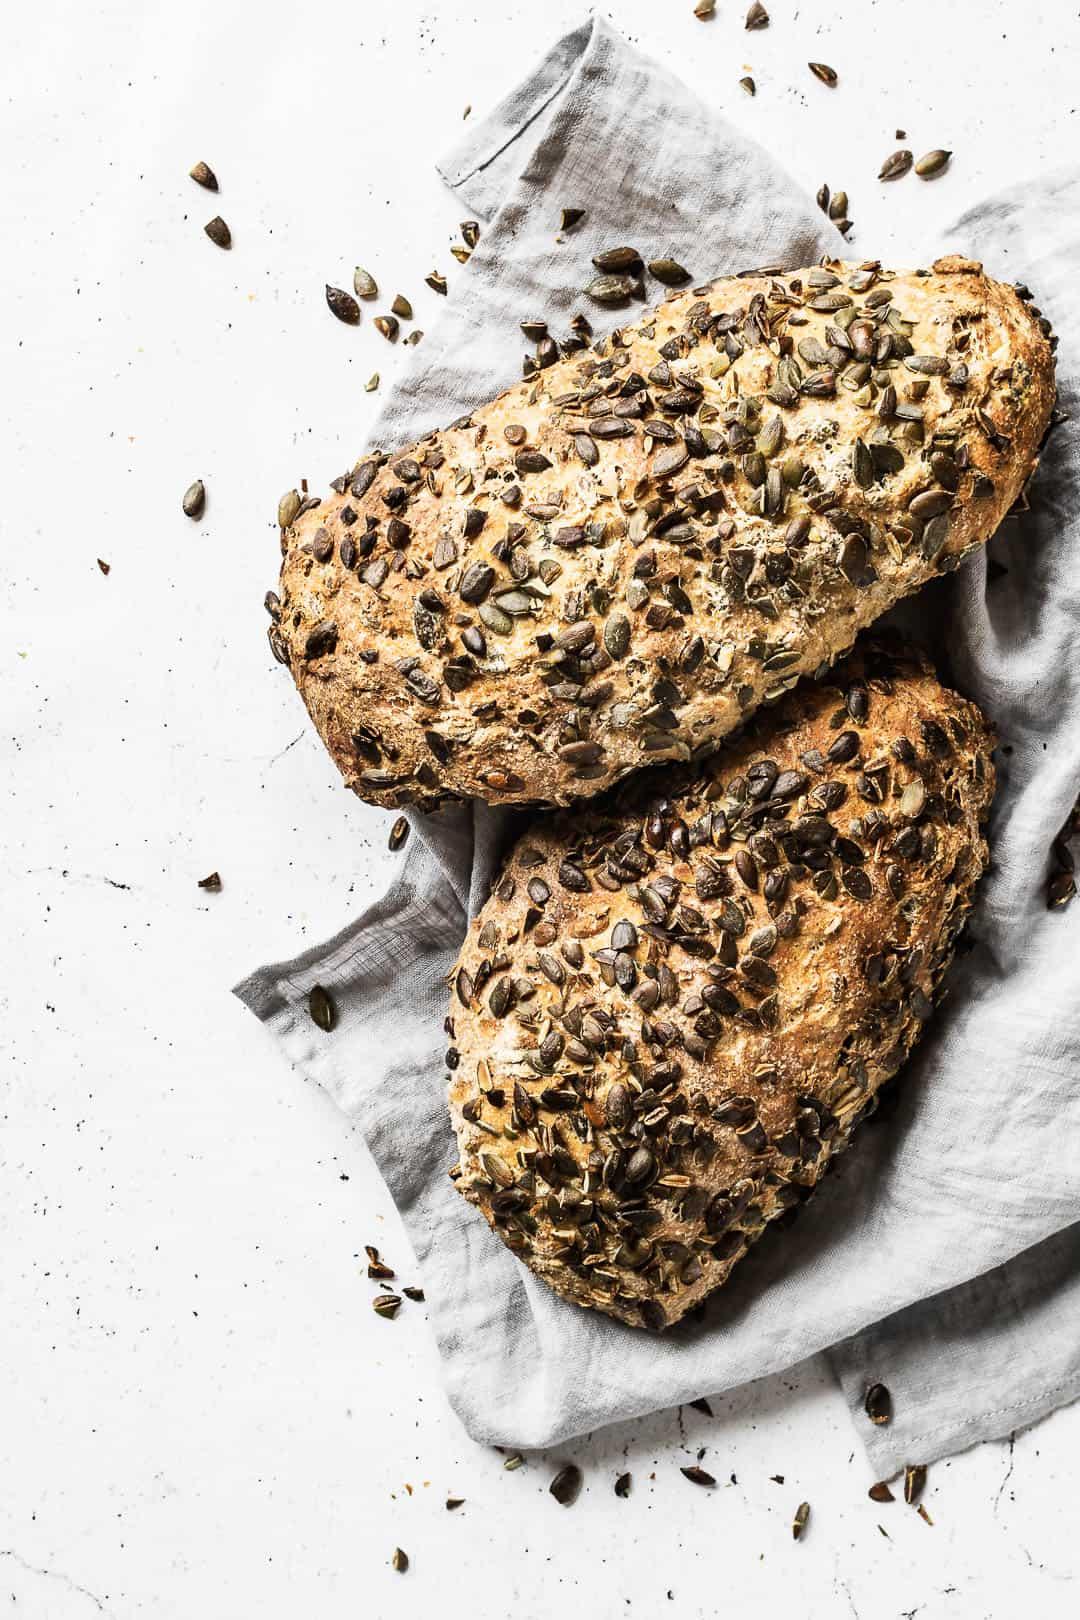 Græskarkernebrød - opskrift på brød med græskarkerner